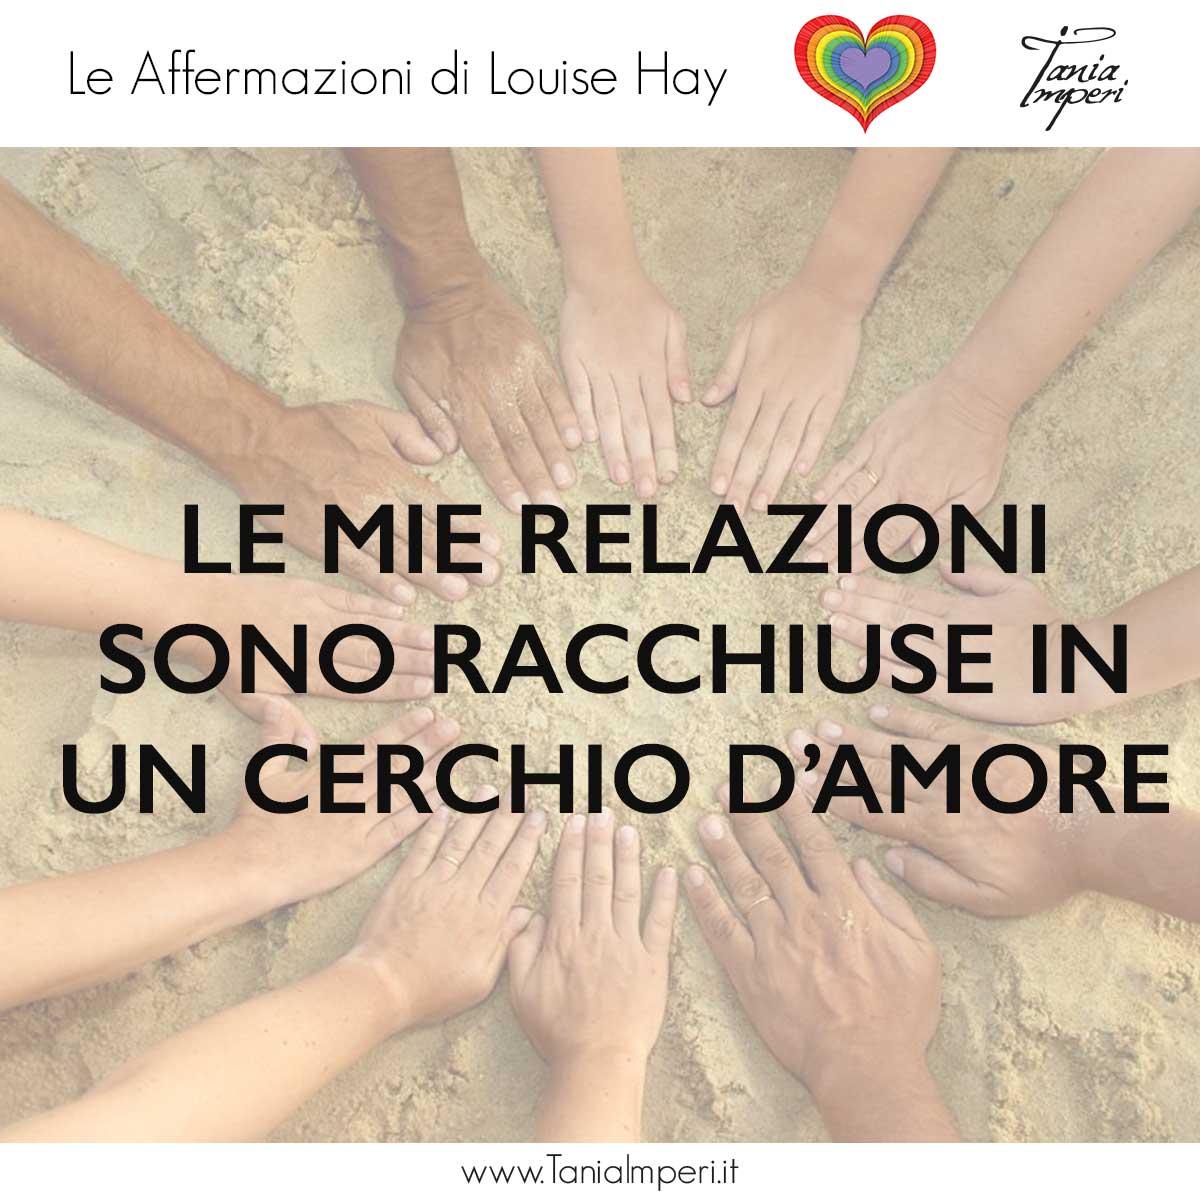 AFFERMAZIONI_LOUISE_HAY_TANIA_IMPERI_37_RELAZIONI_CERCHIO_D_AMORE-11SET2017